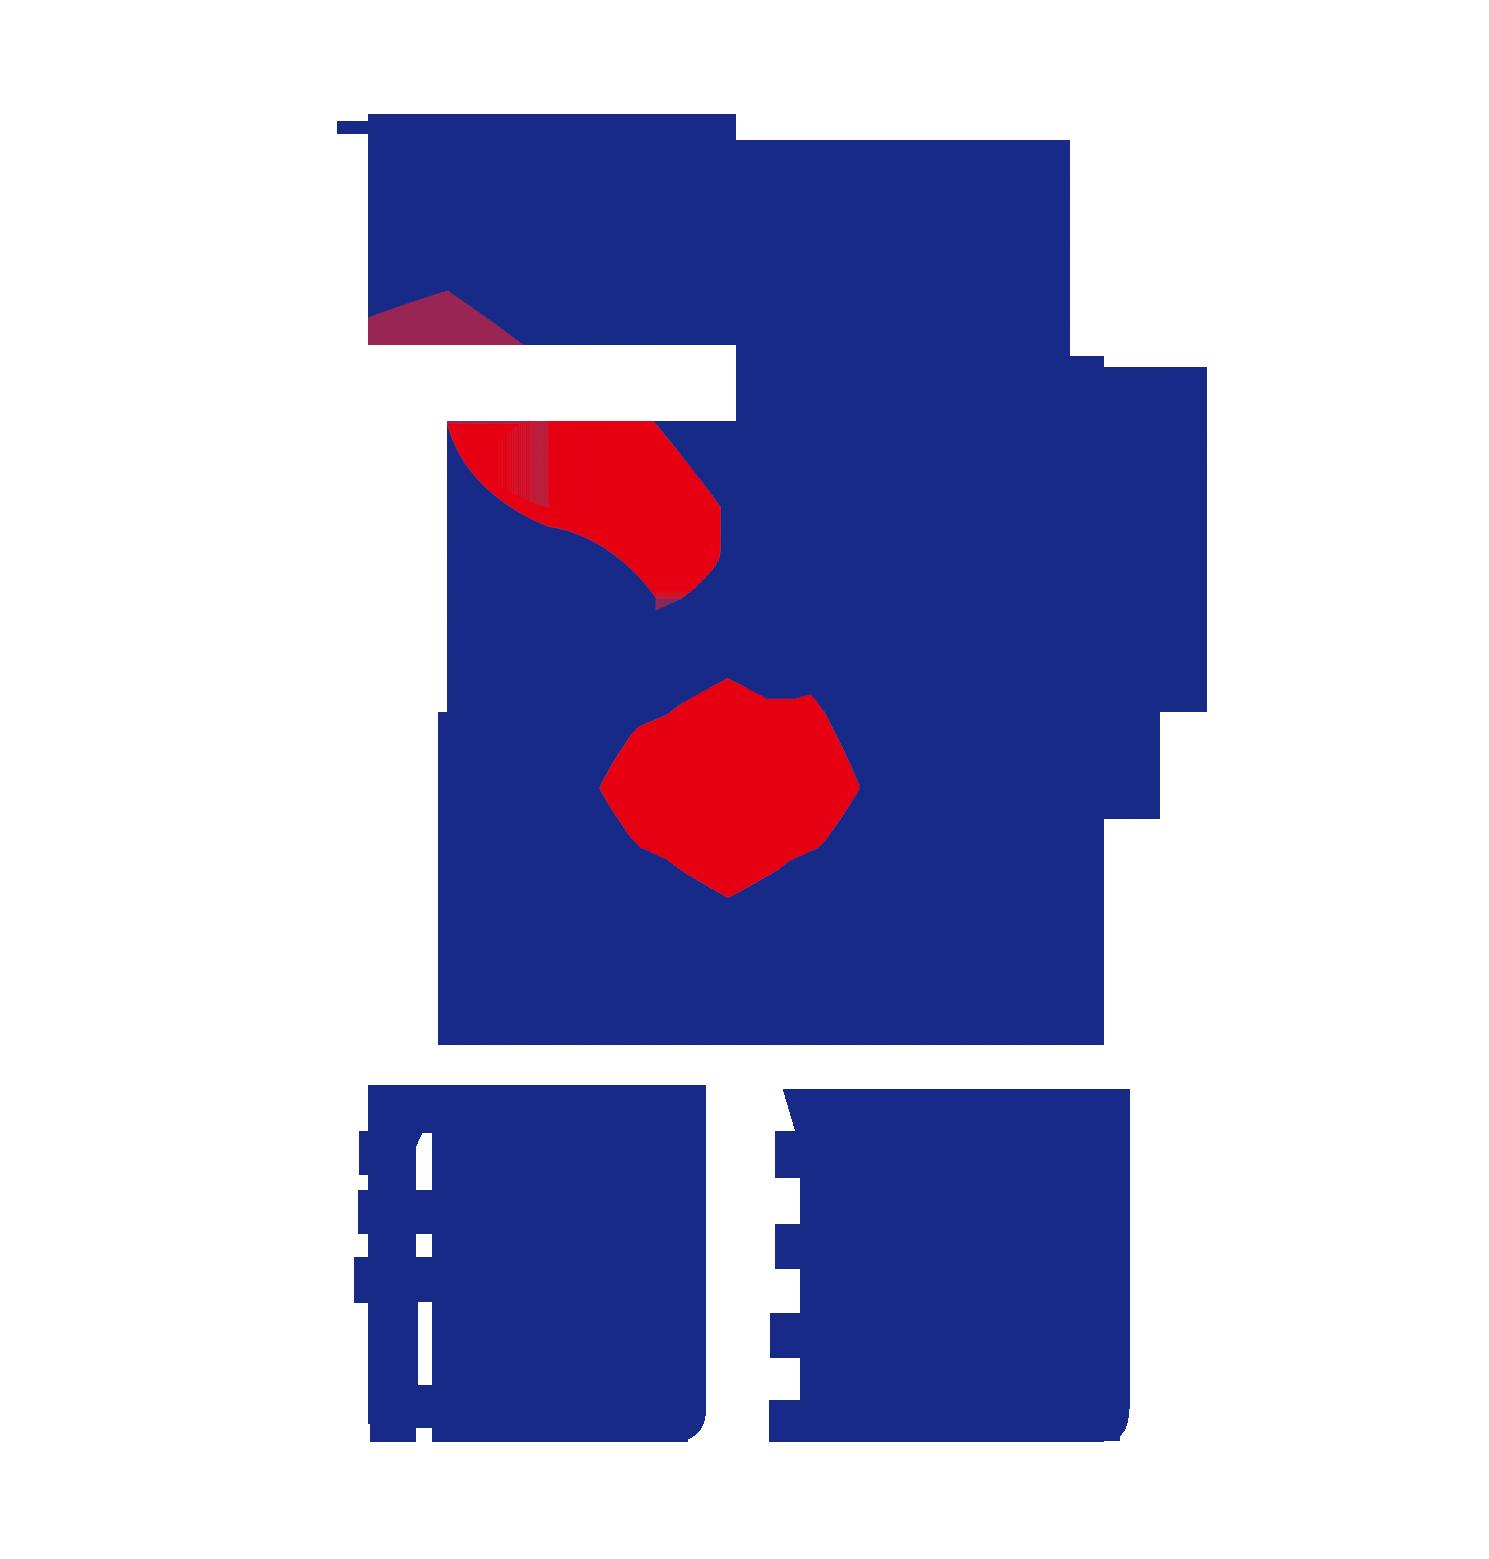 广州消防风机控制箱-深圳翎翔设备 CCCF认证资质齐全,价格优惠